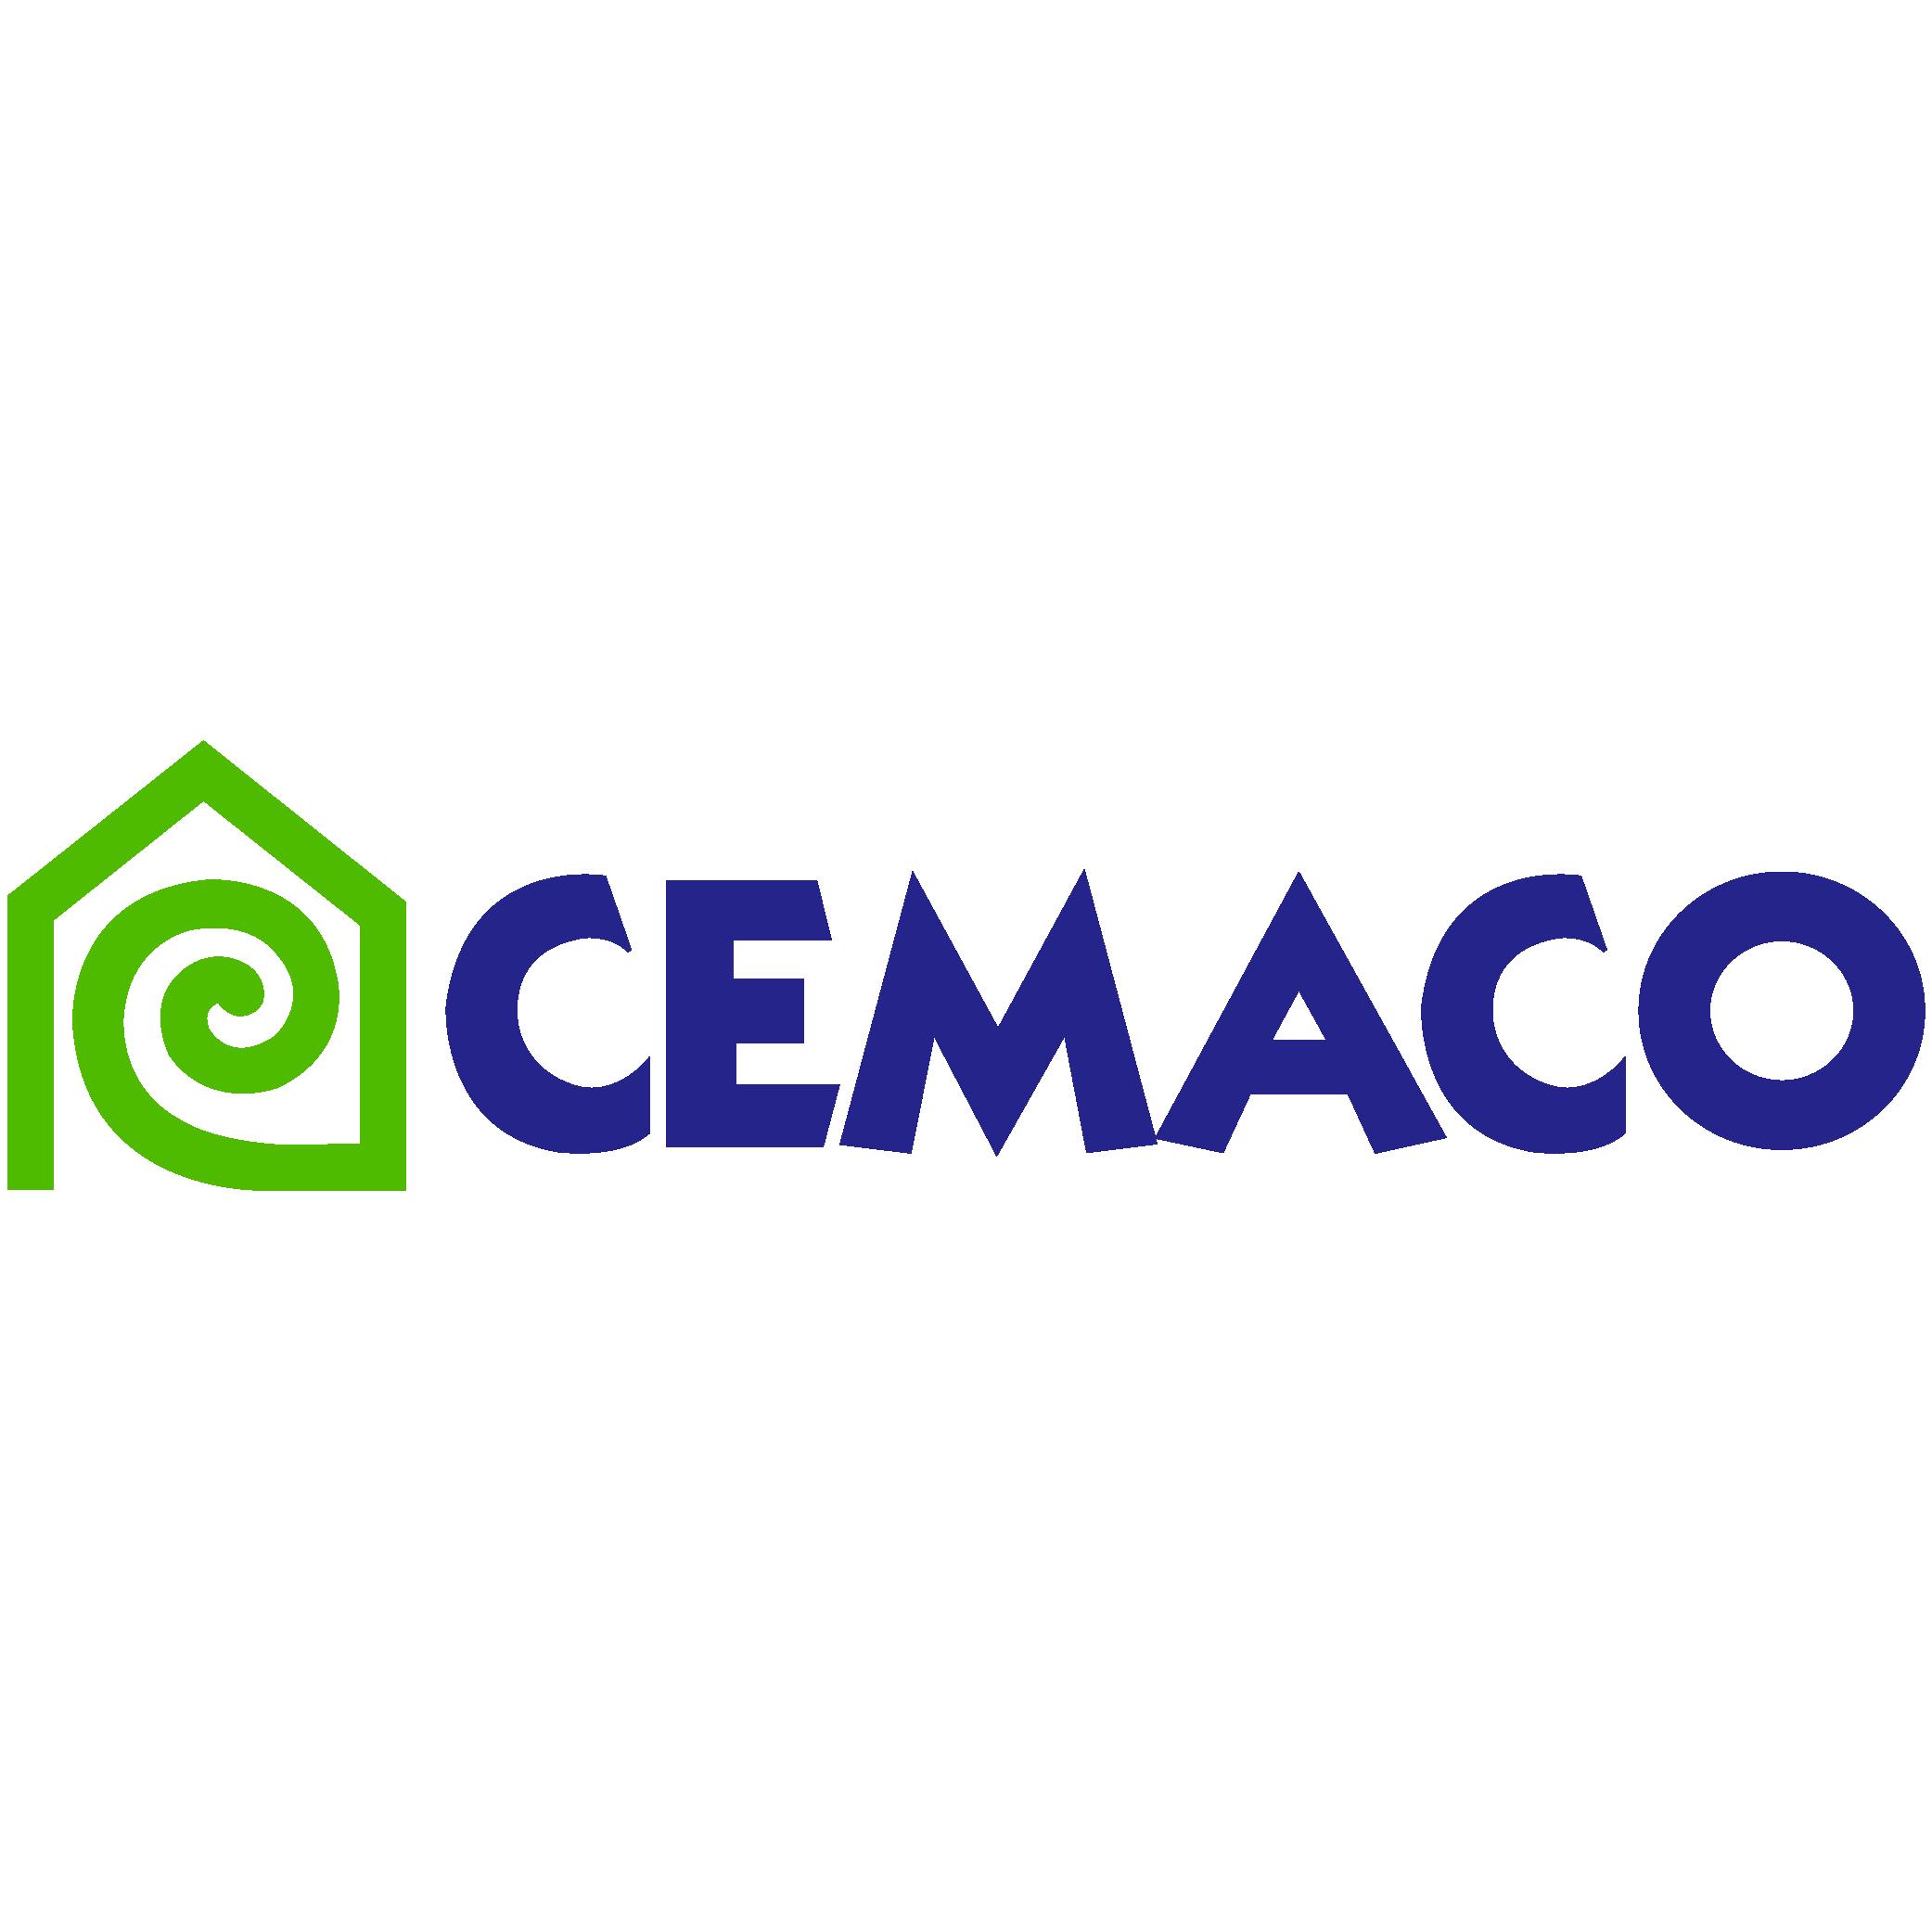 Heineman logo